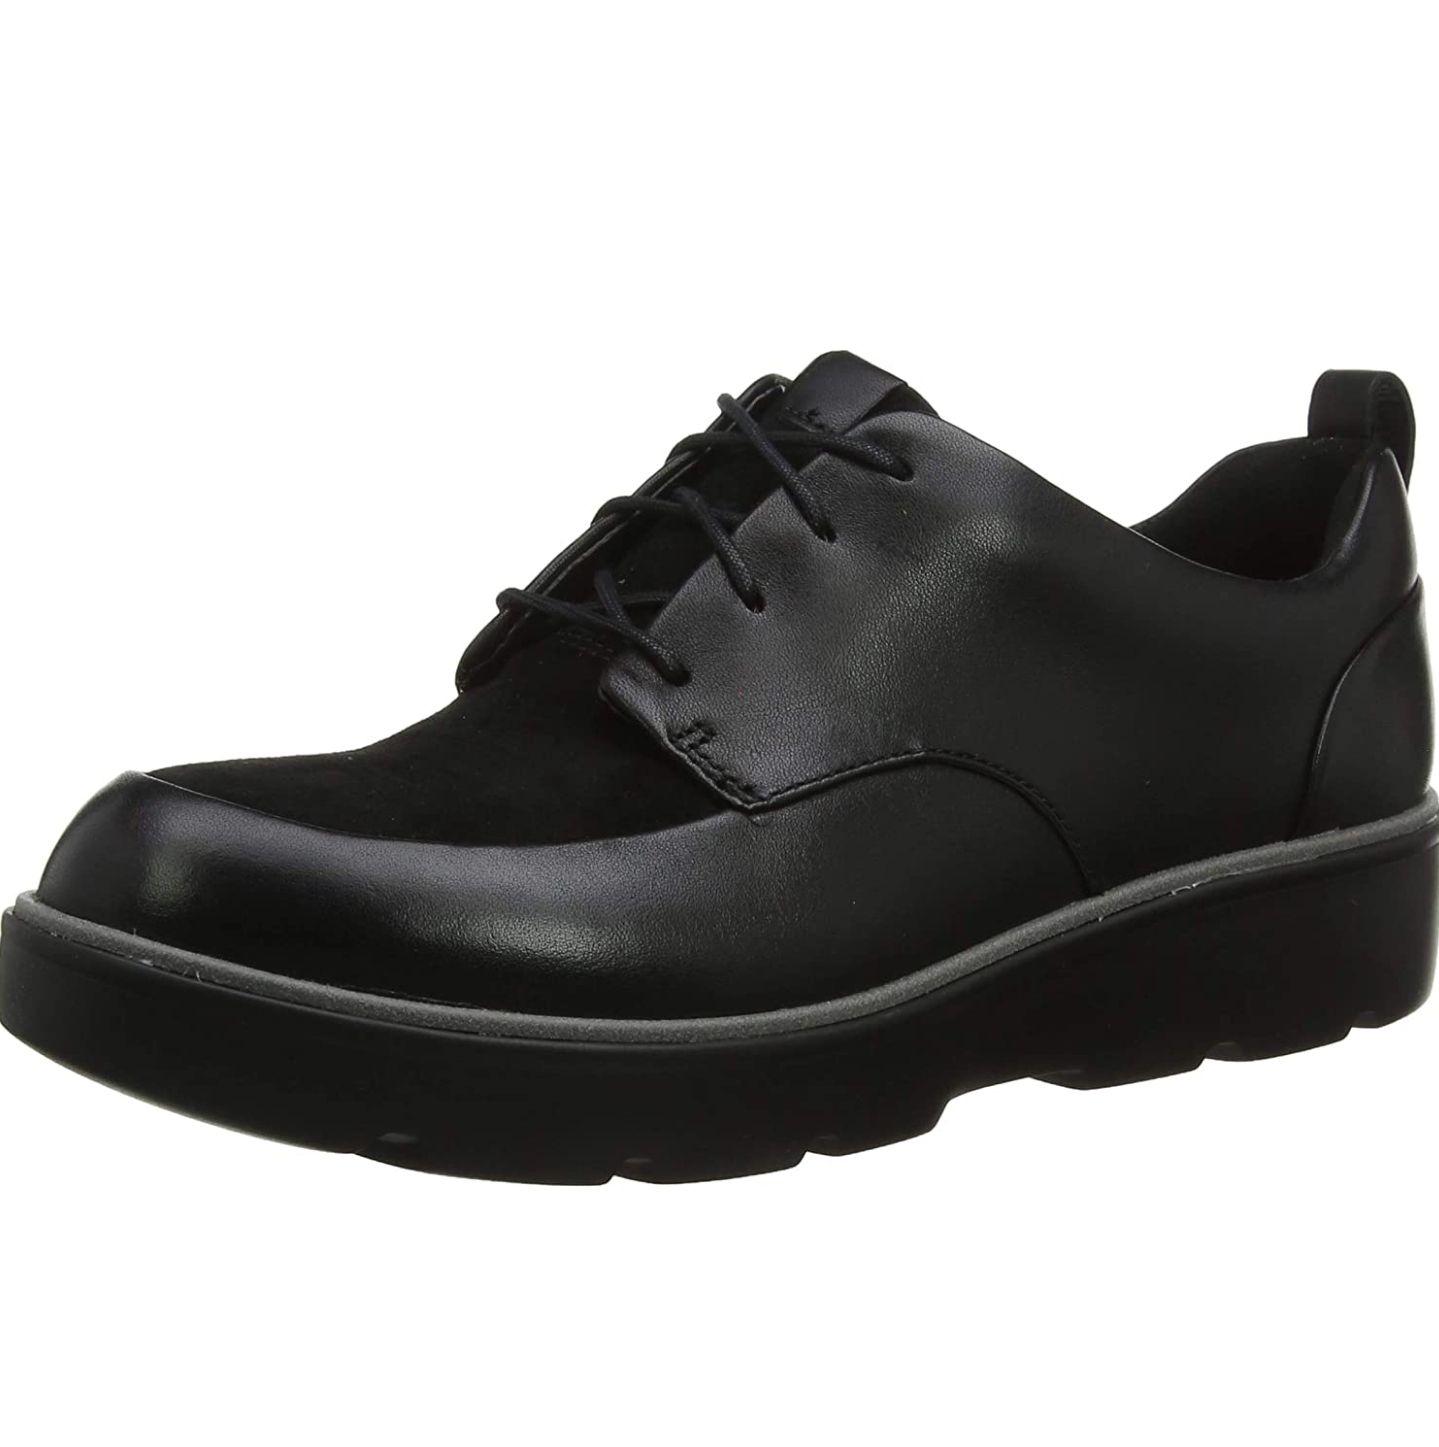 Zapatos Clarks Derby de mujer